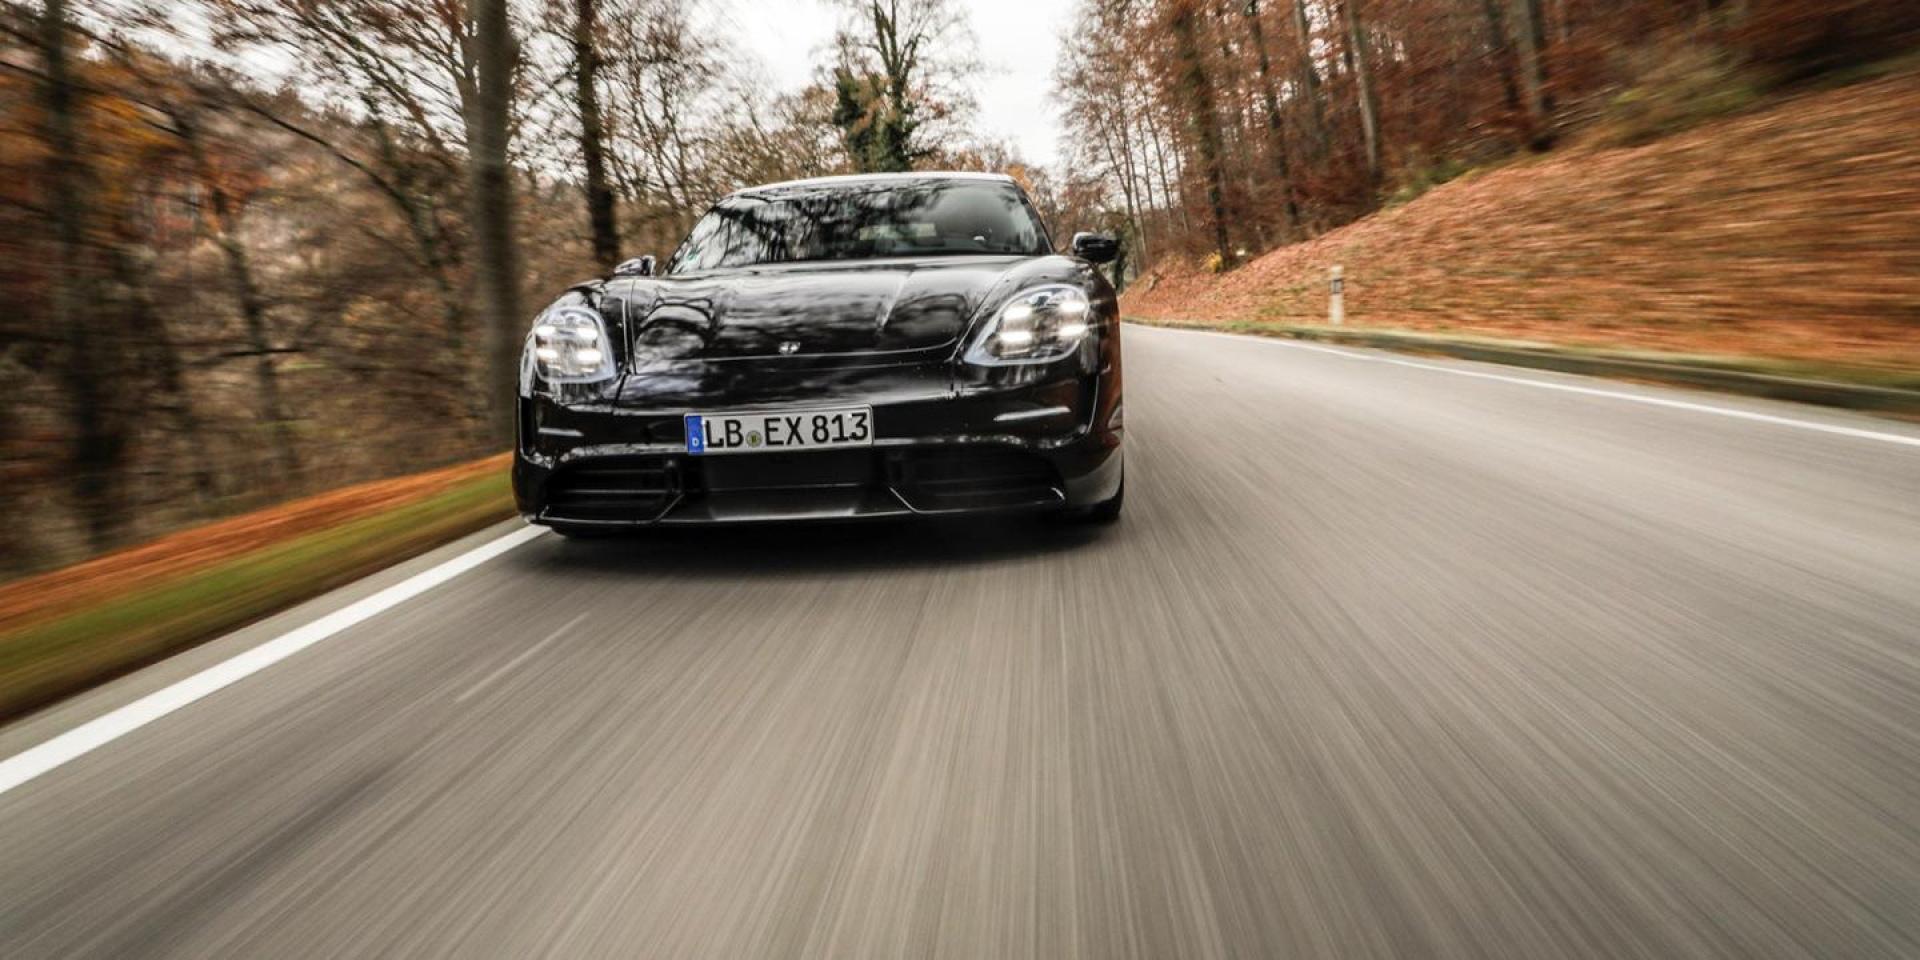 官方新聞稿。進化與反動- Porsche全新世代911與首部純電跑車款Taycan